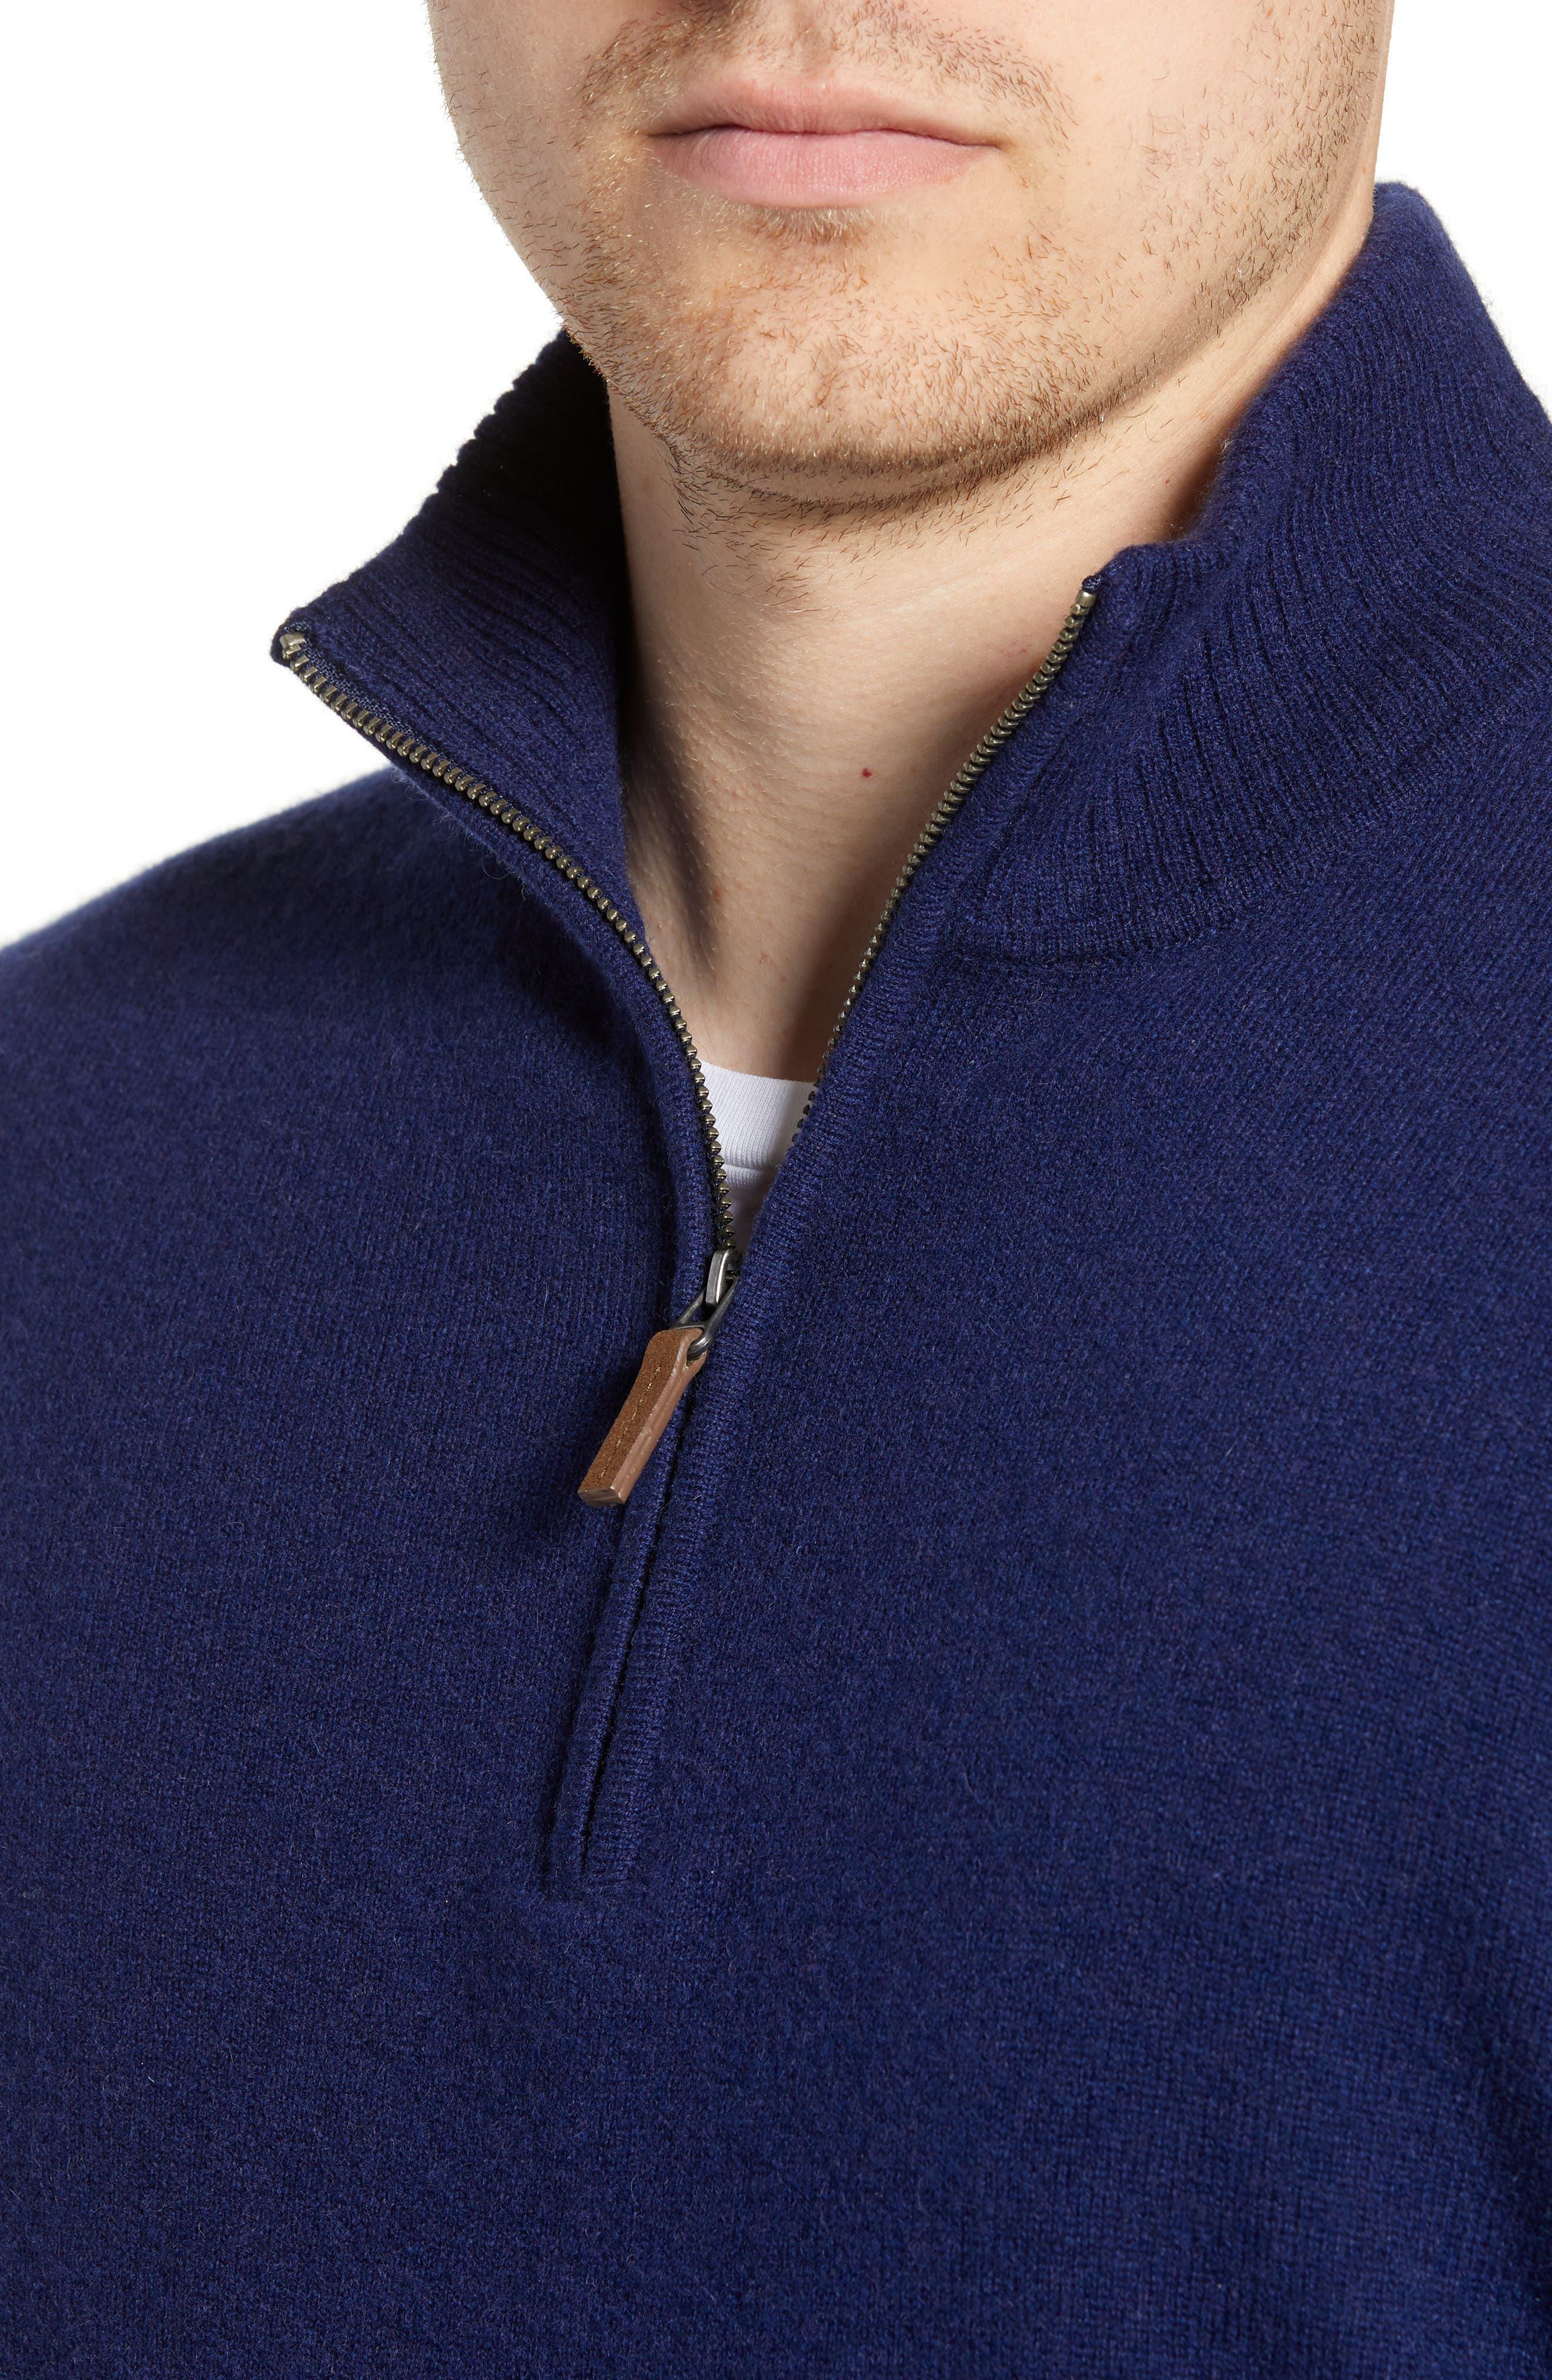 Cashmere Quarter Zip Sweater,                             Alternate thumbnail 4, color,                             410